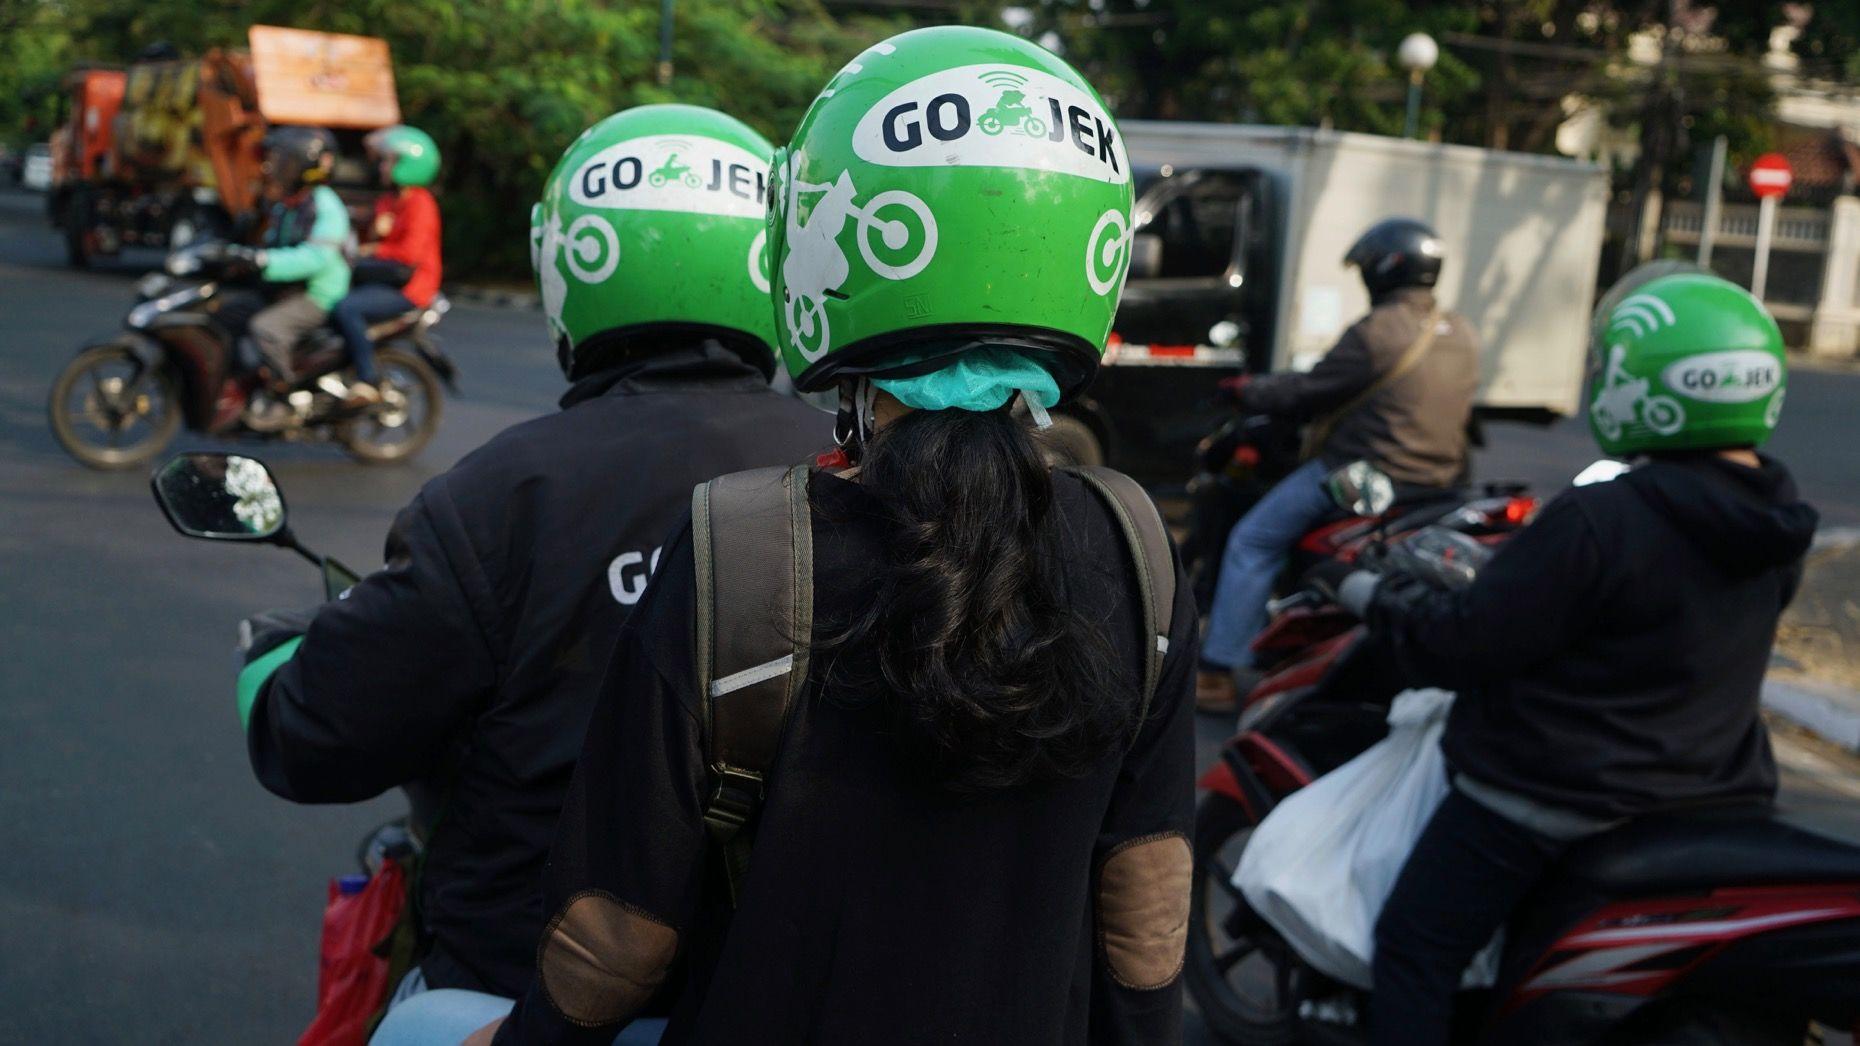 Go-Jek motorbike drivers and riders in Jakarta. Photo: Bloomberg